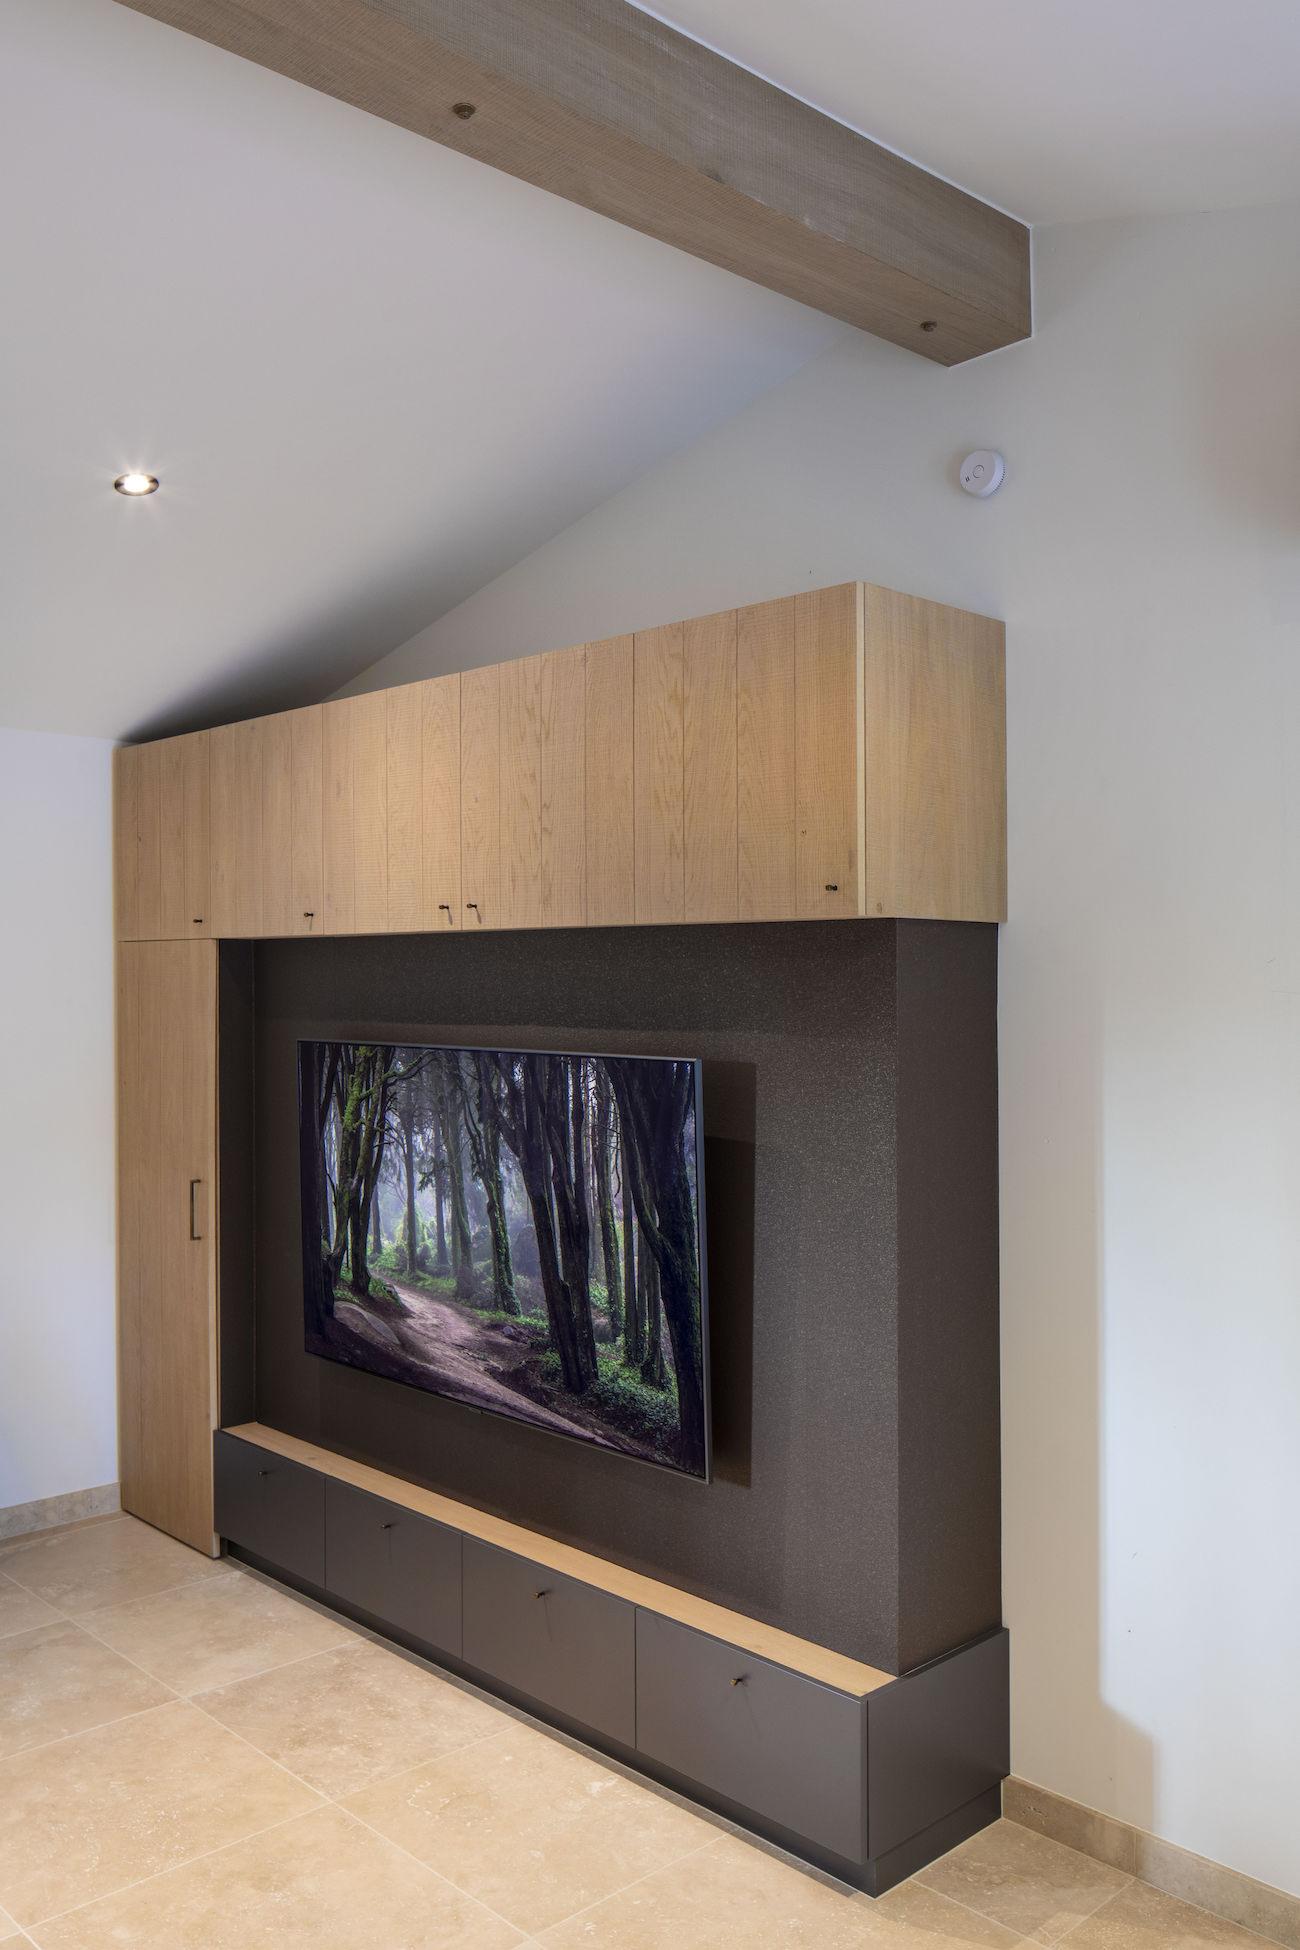 TV-meubel in eikfineer en laminaat